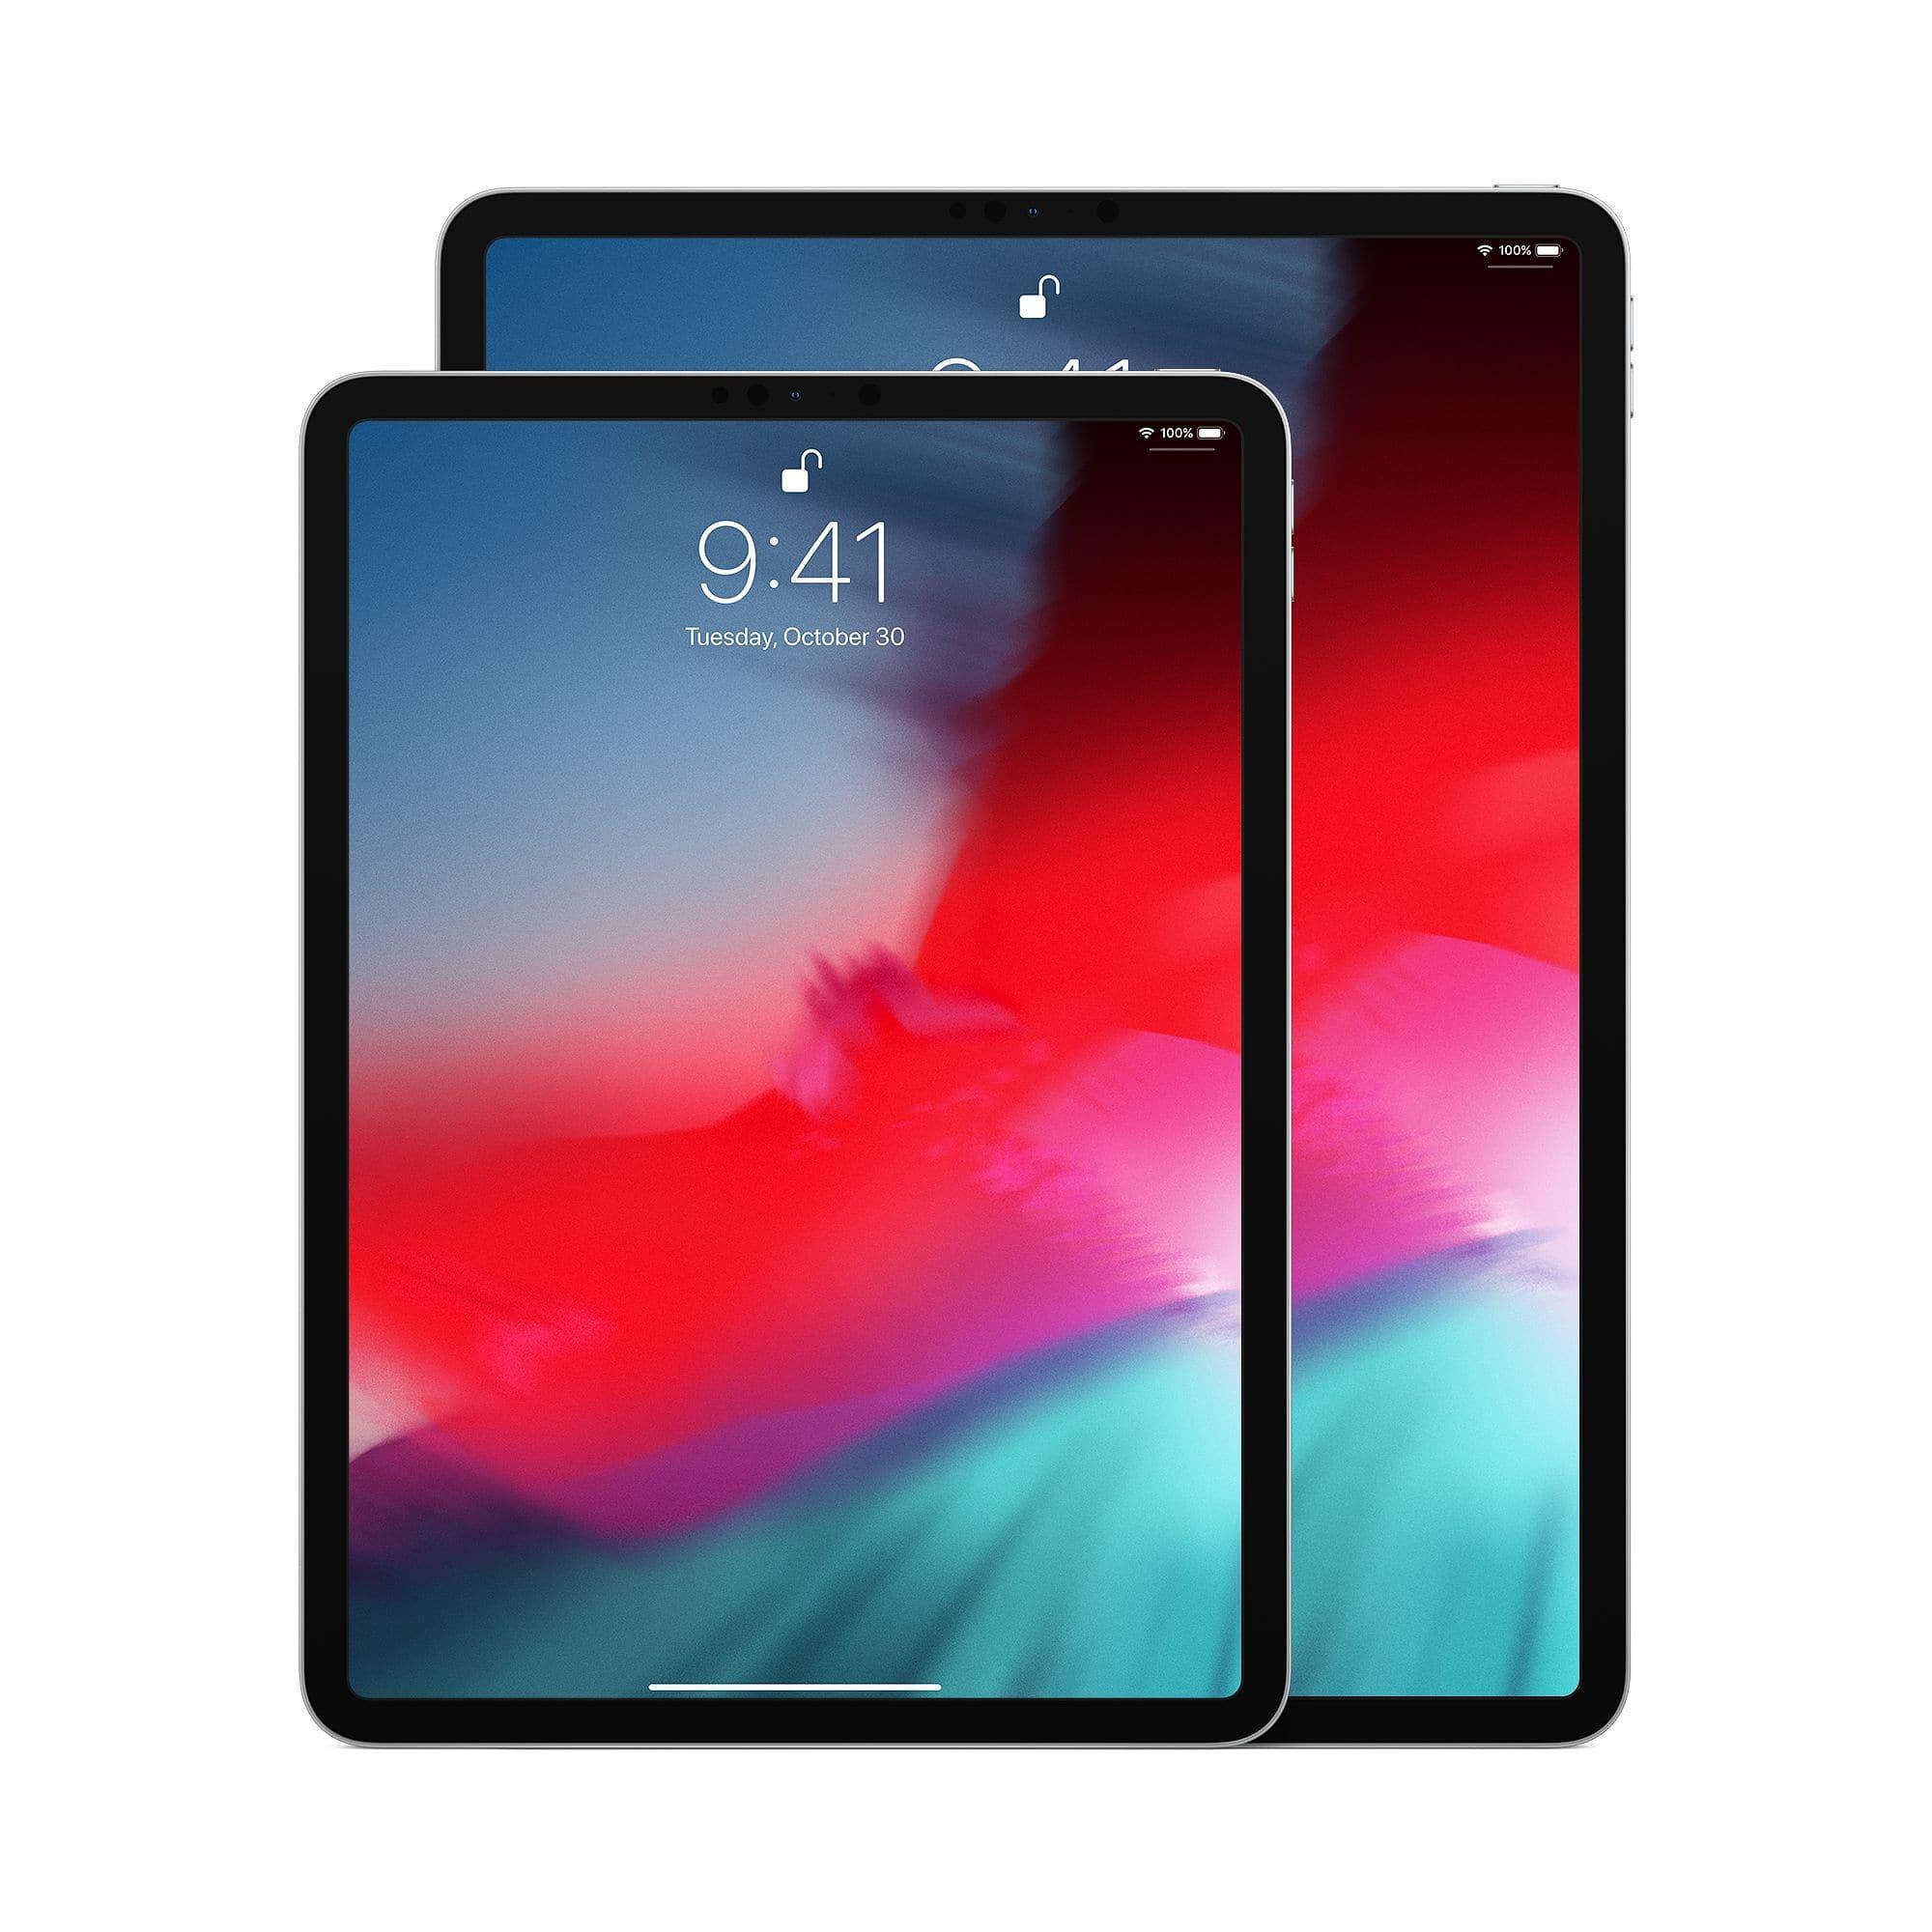 iPad Pro 2019 iPad Pro 2019 - iPad Pro 2019 và một số tính năng mới